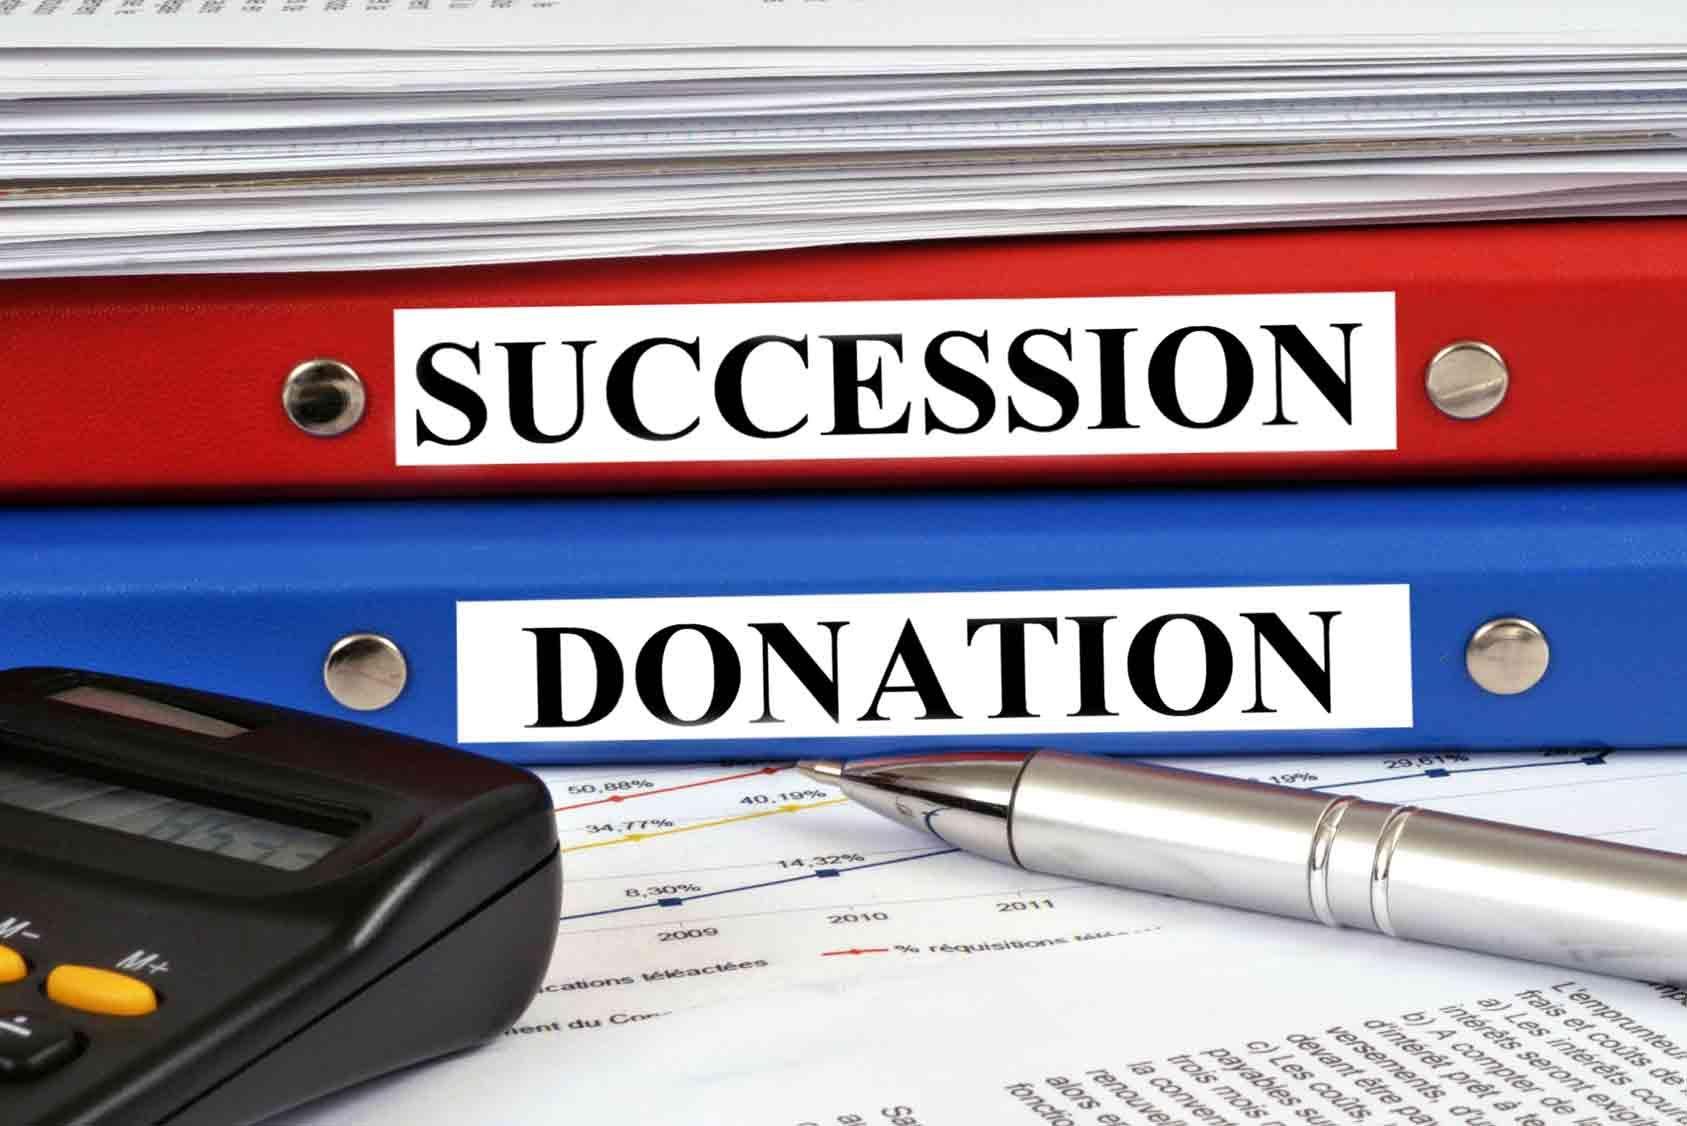 Donation Et Succession Conseils Pour Transmettre Son Patrimoine